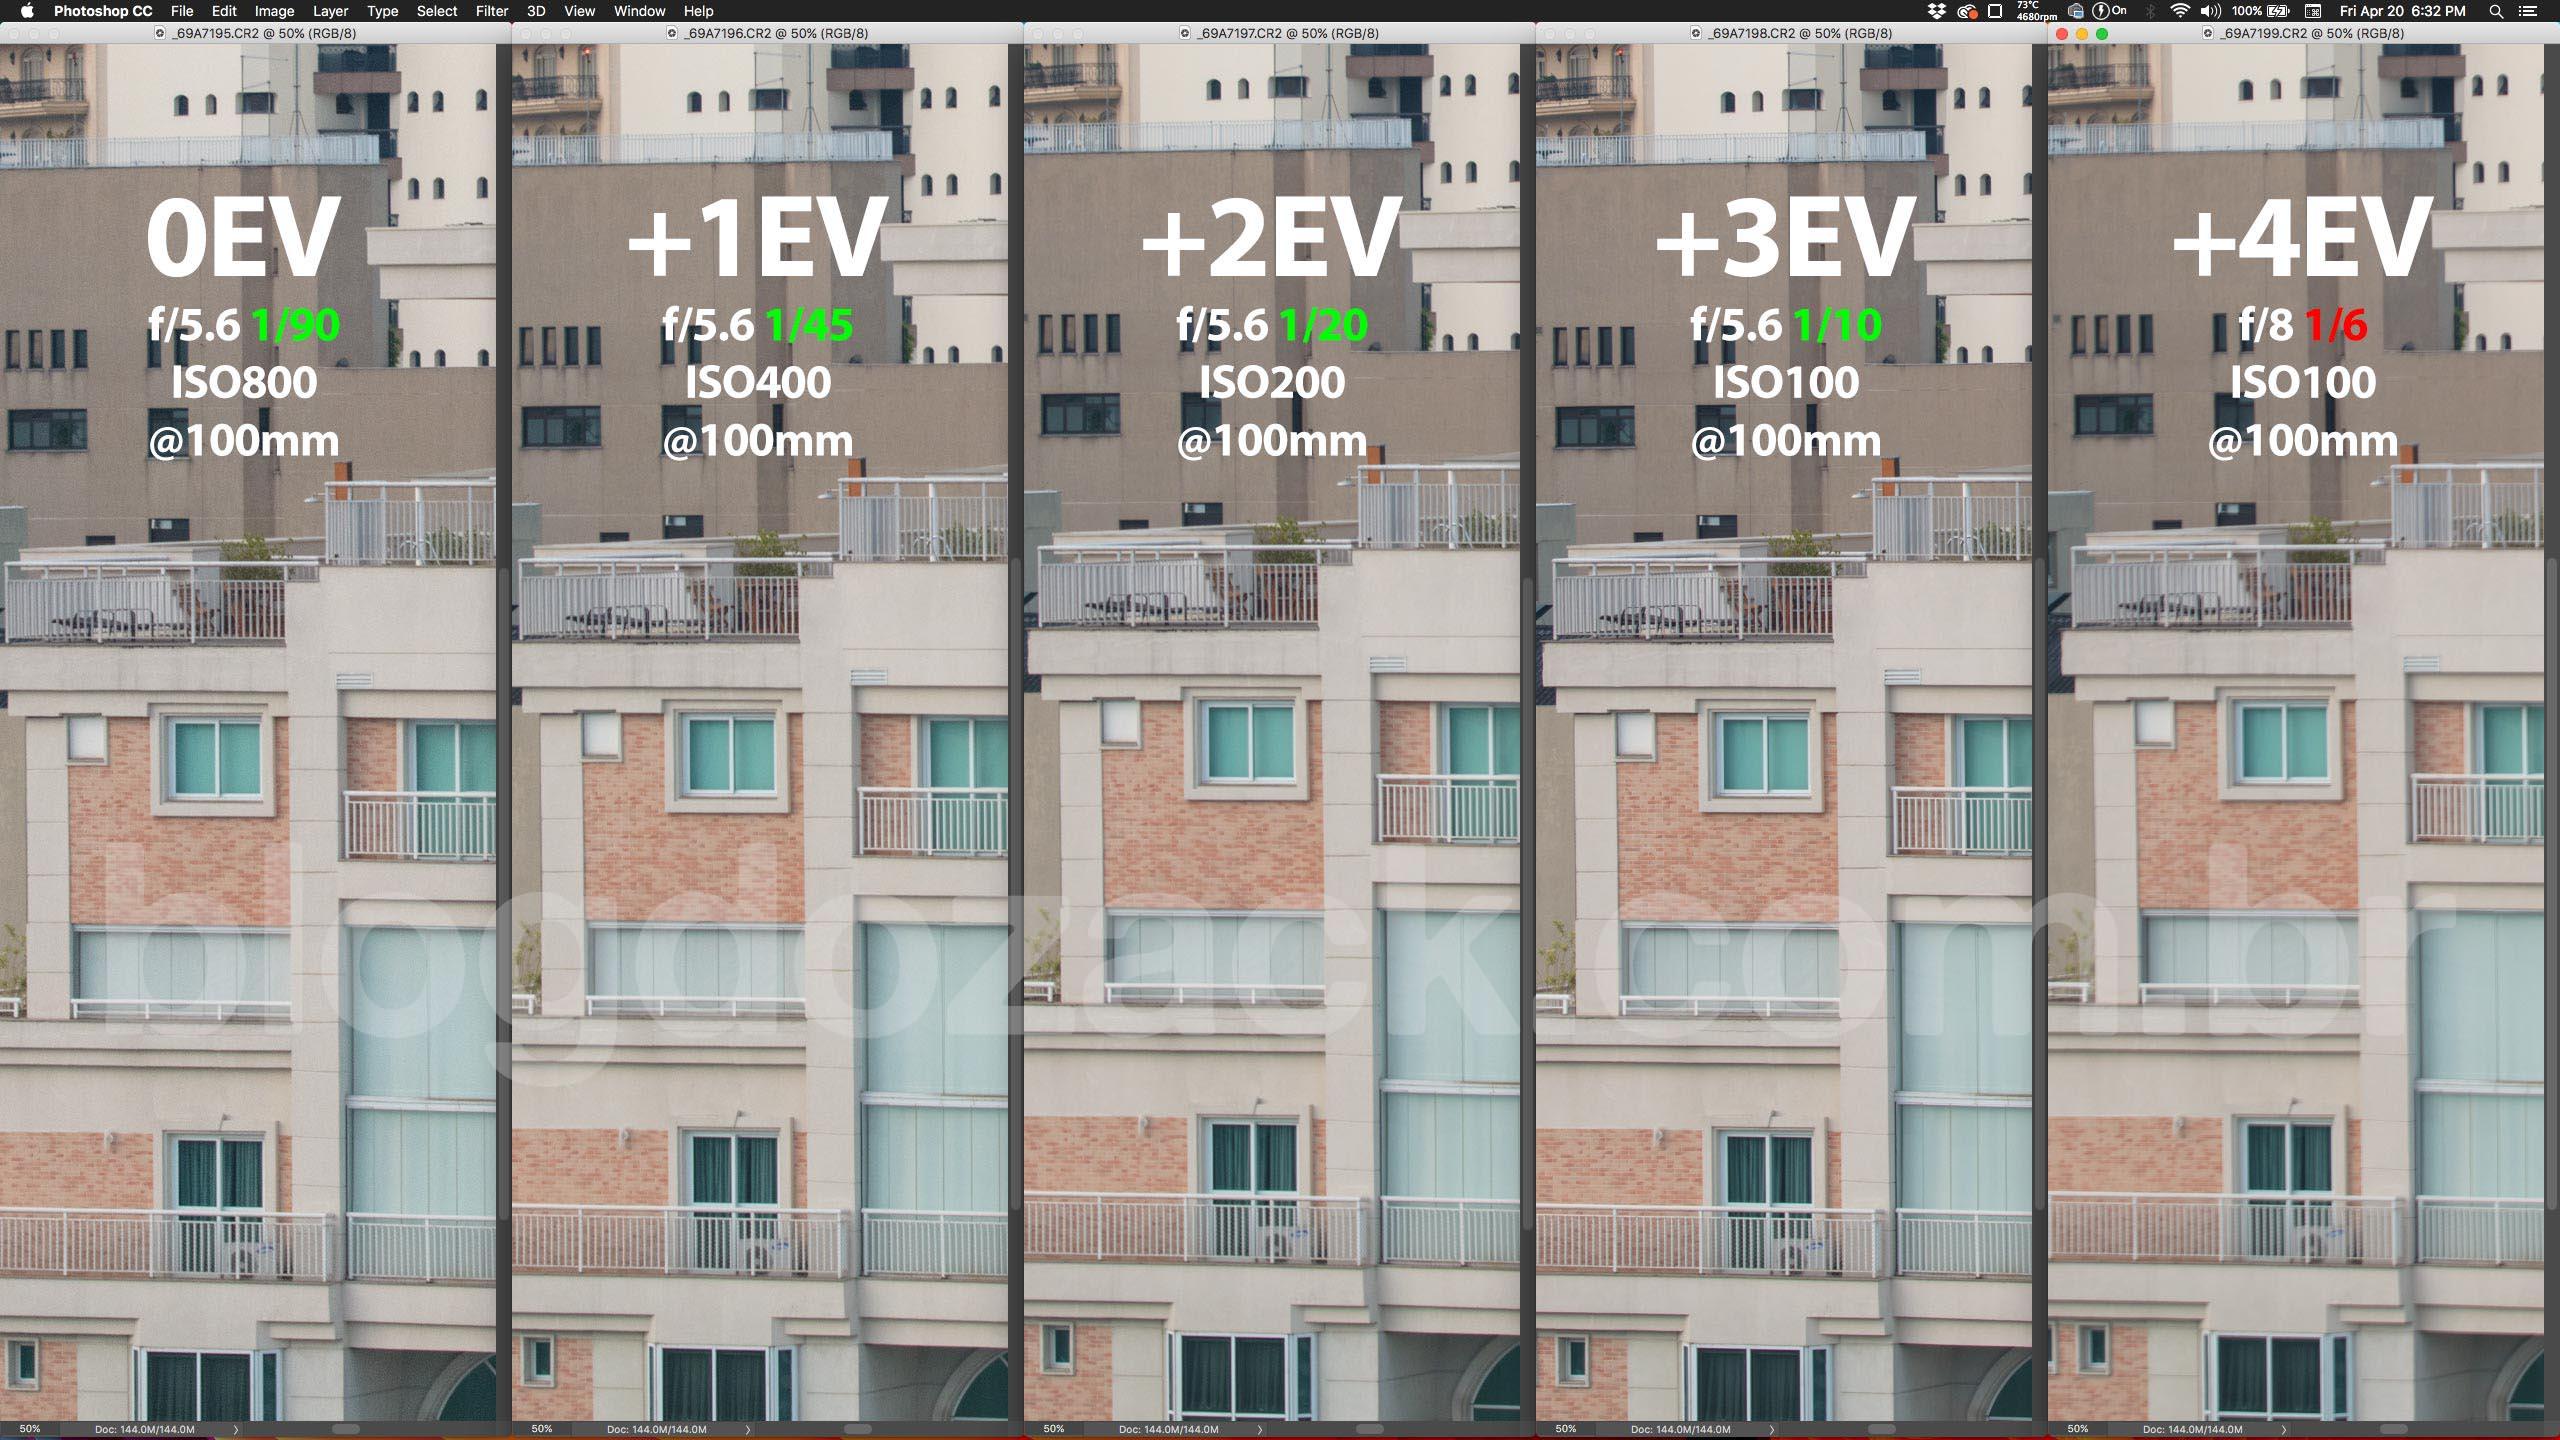 Crop 50%, chance certo beira os 05 quadros a cada 06, no modo SERVO da Canon 5DS. (clique para ver maior)